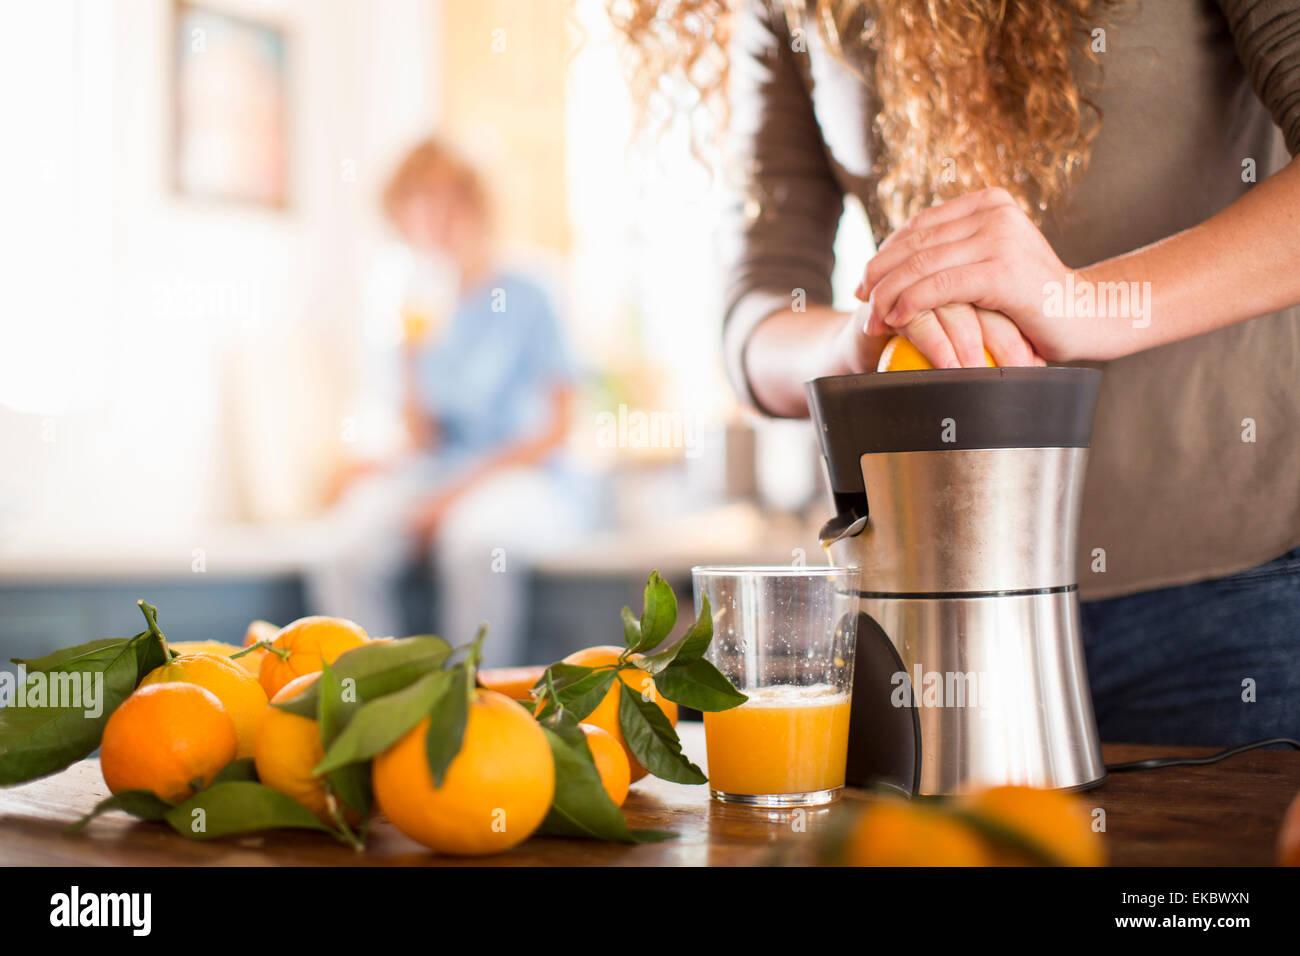 Adolescente jugos de naranja en la cocina Imagen De Stock